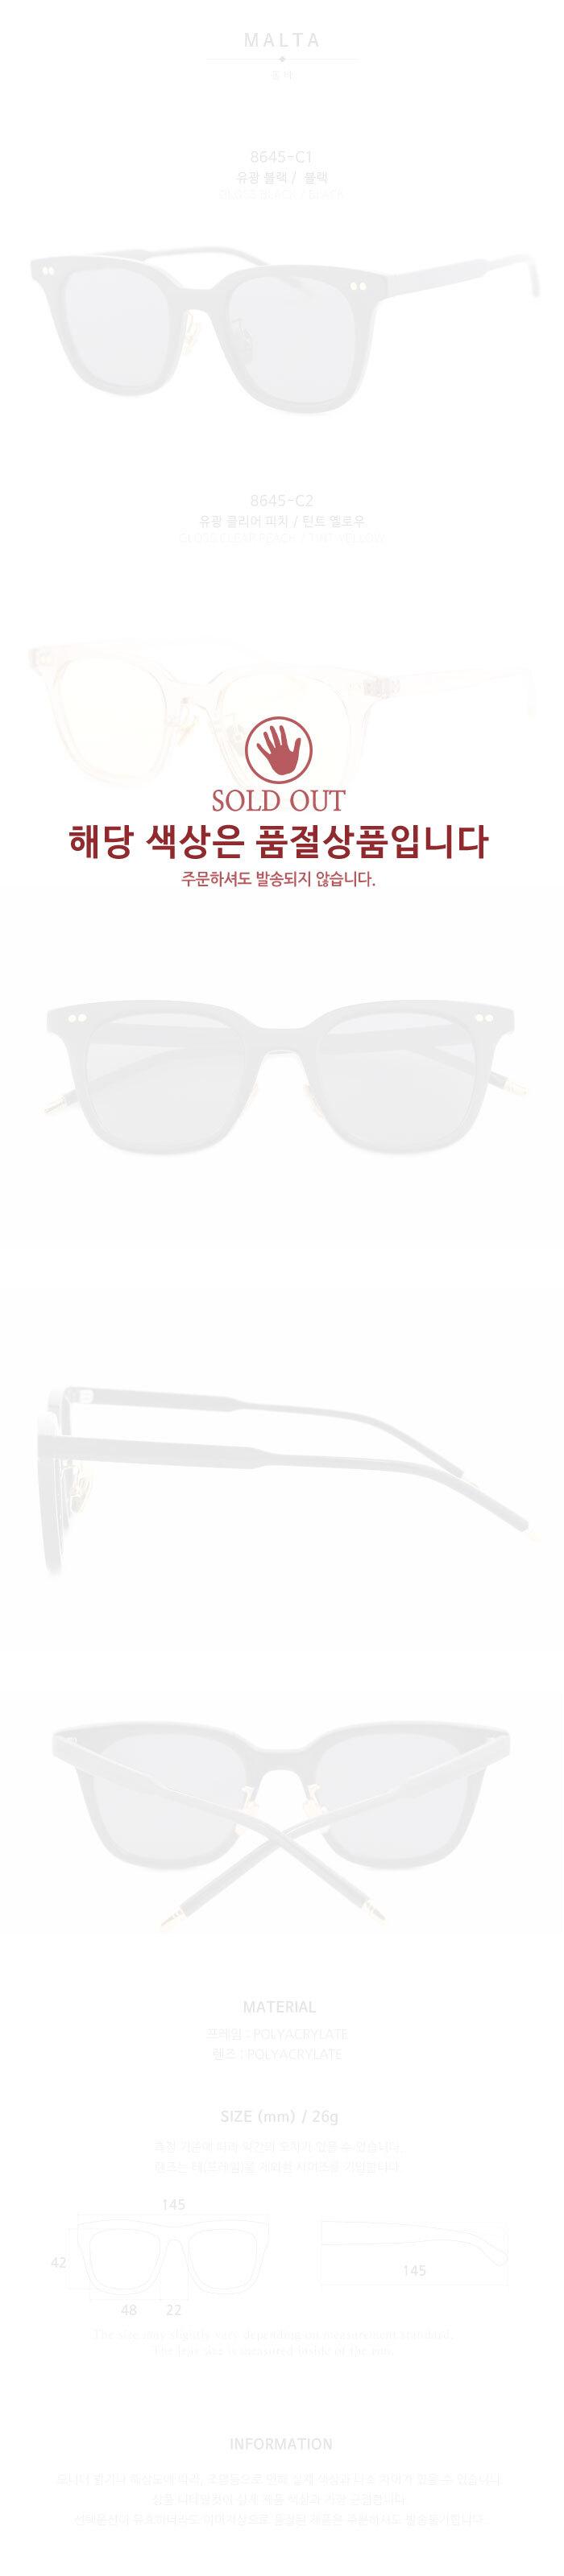 트리샤(TRISHA) MALTA 몰타 투도트포인트 패션선글라스